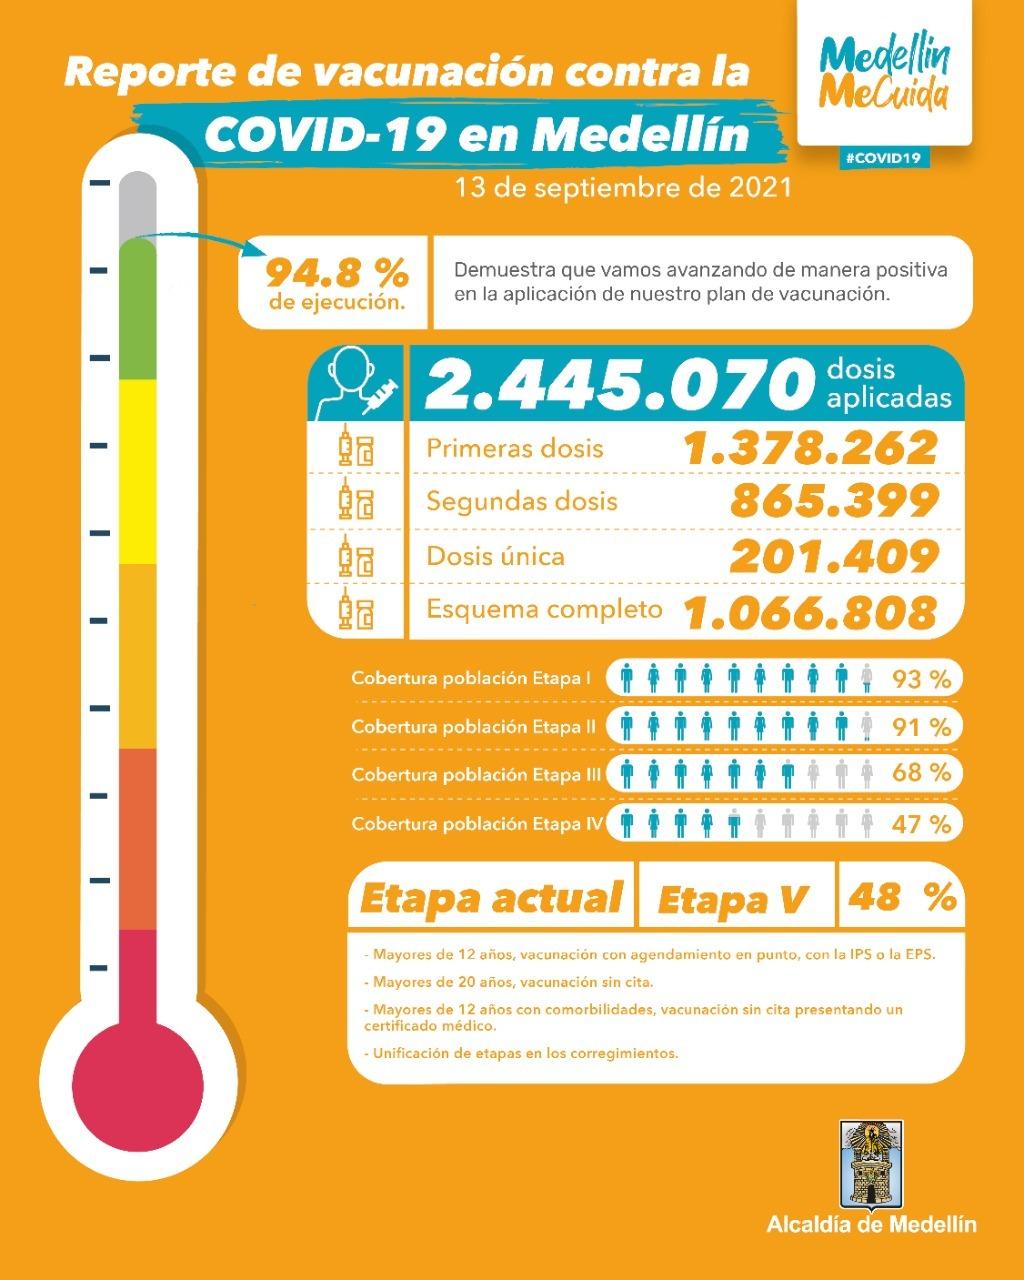 vacunacion covid medellin 14 de septiembre ElMetro.com.co